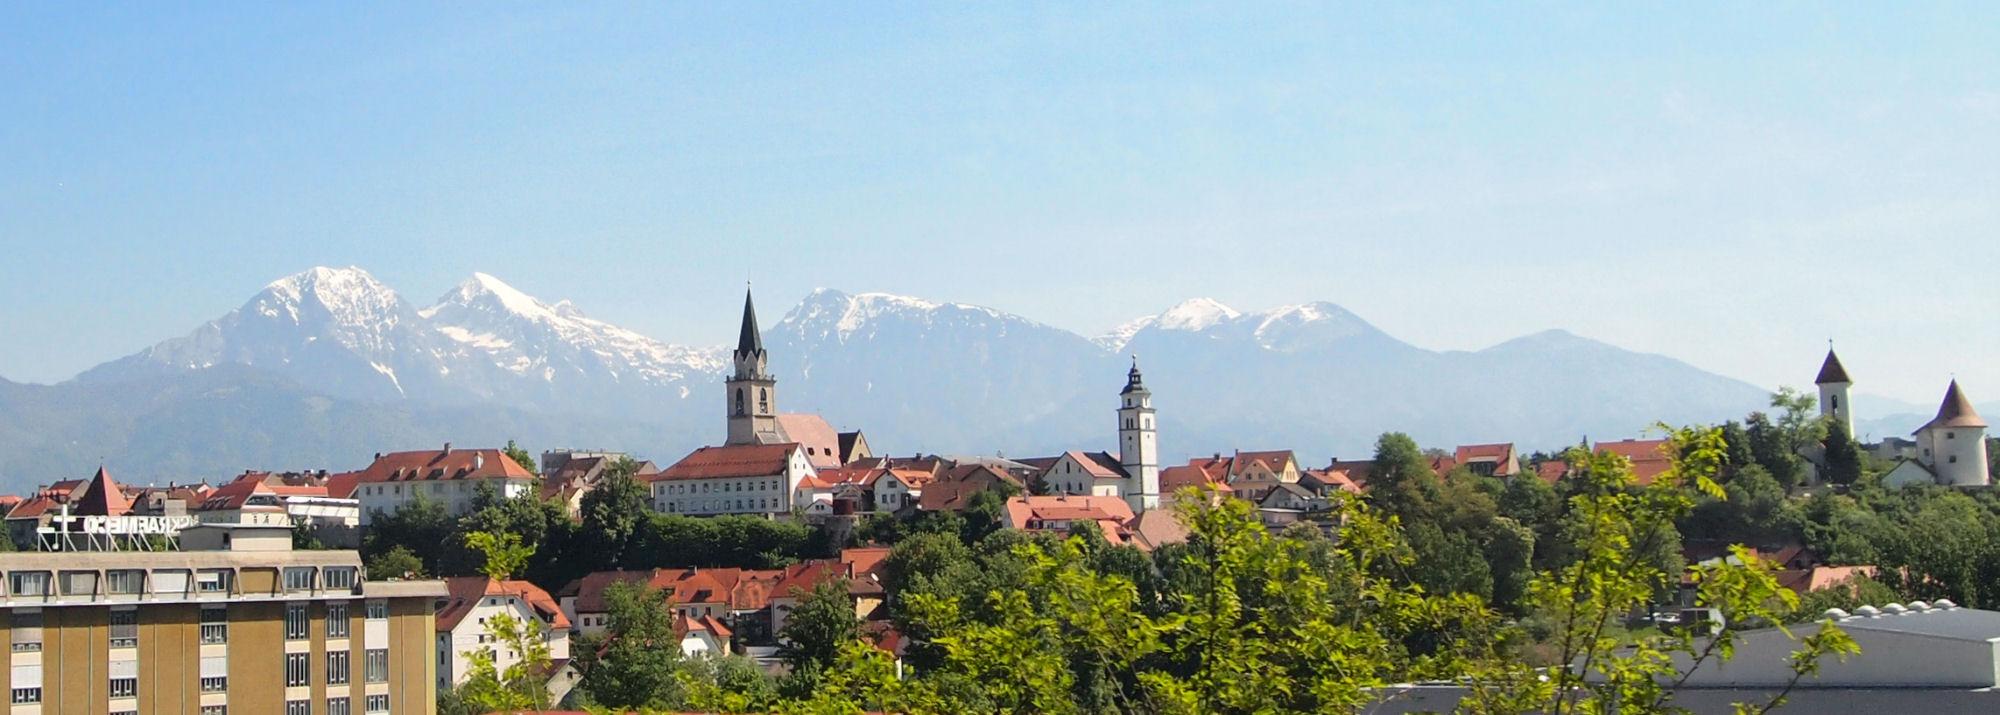 Panoramic view of Kranj, the capital of Gorenjska